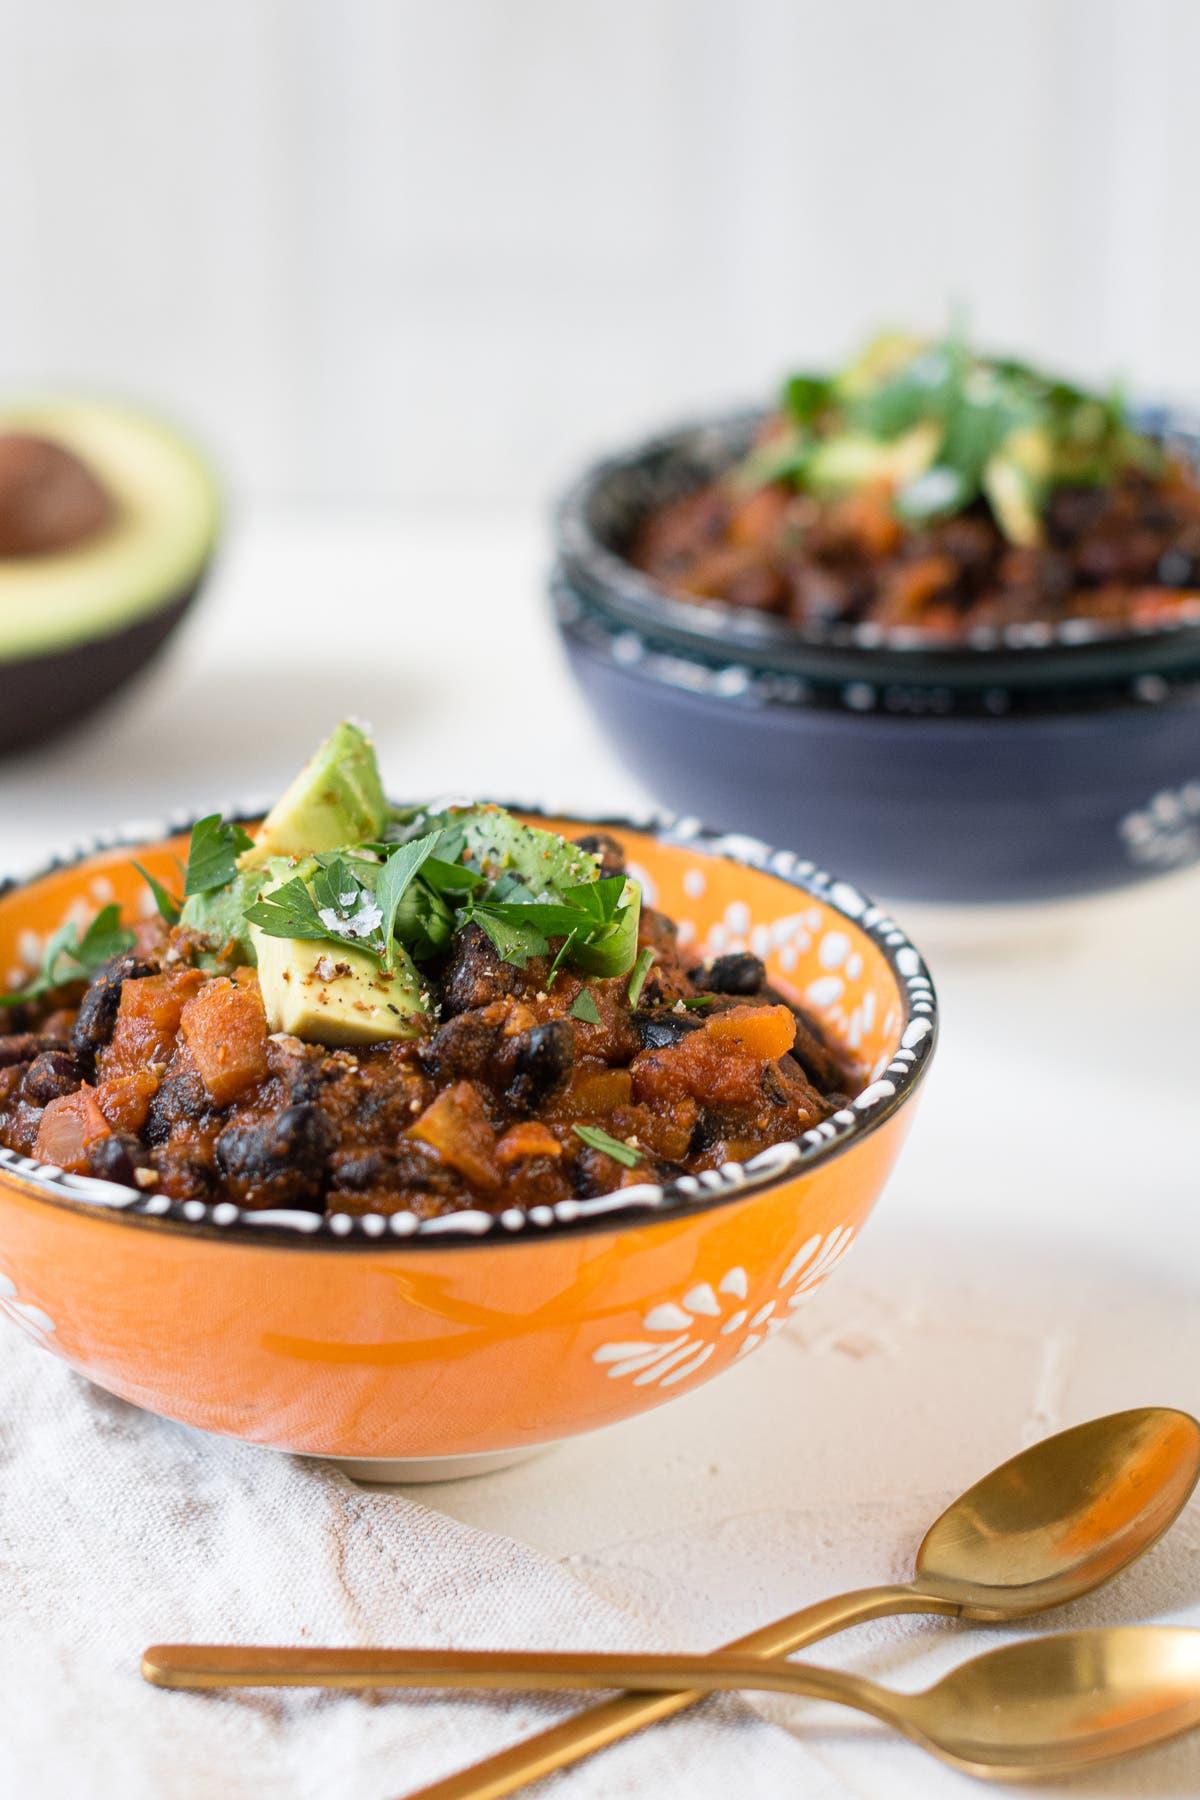 Hochformat von zwei Schüsseln gefüllt mit Chili sin Carne getoppt mit Petersilie und Avocado